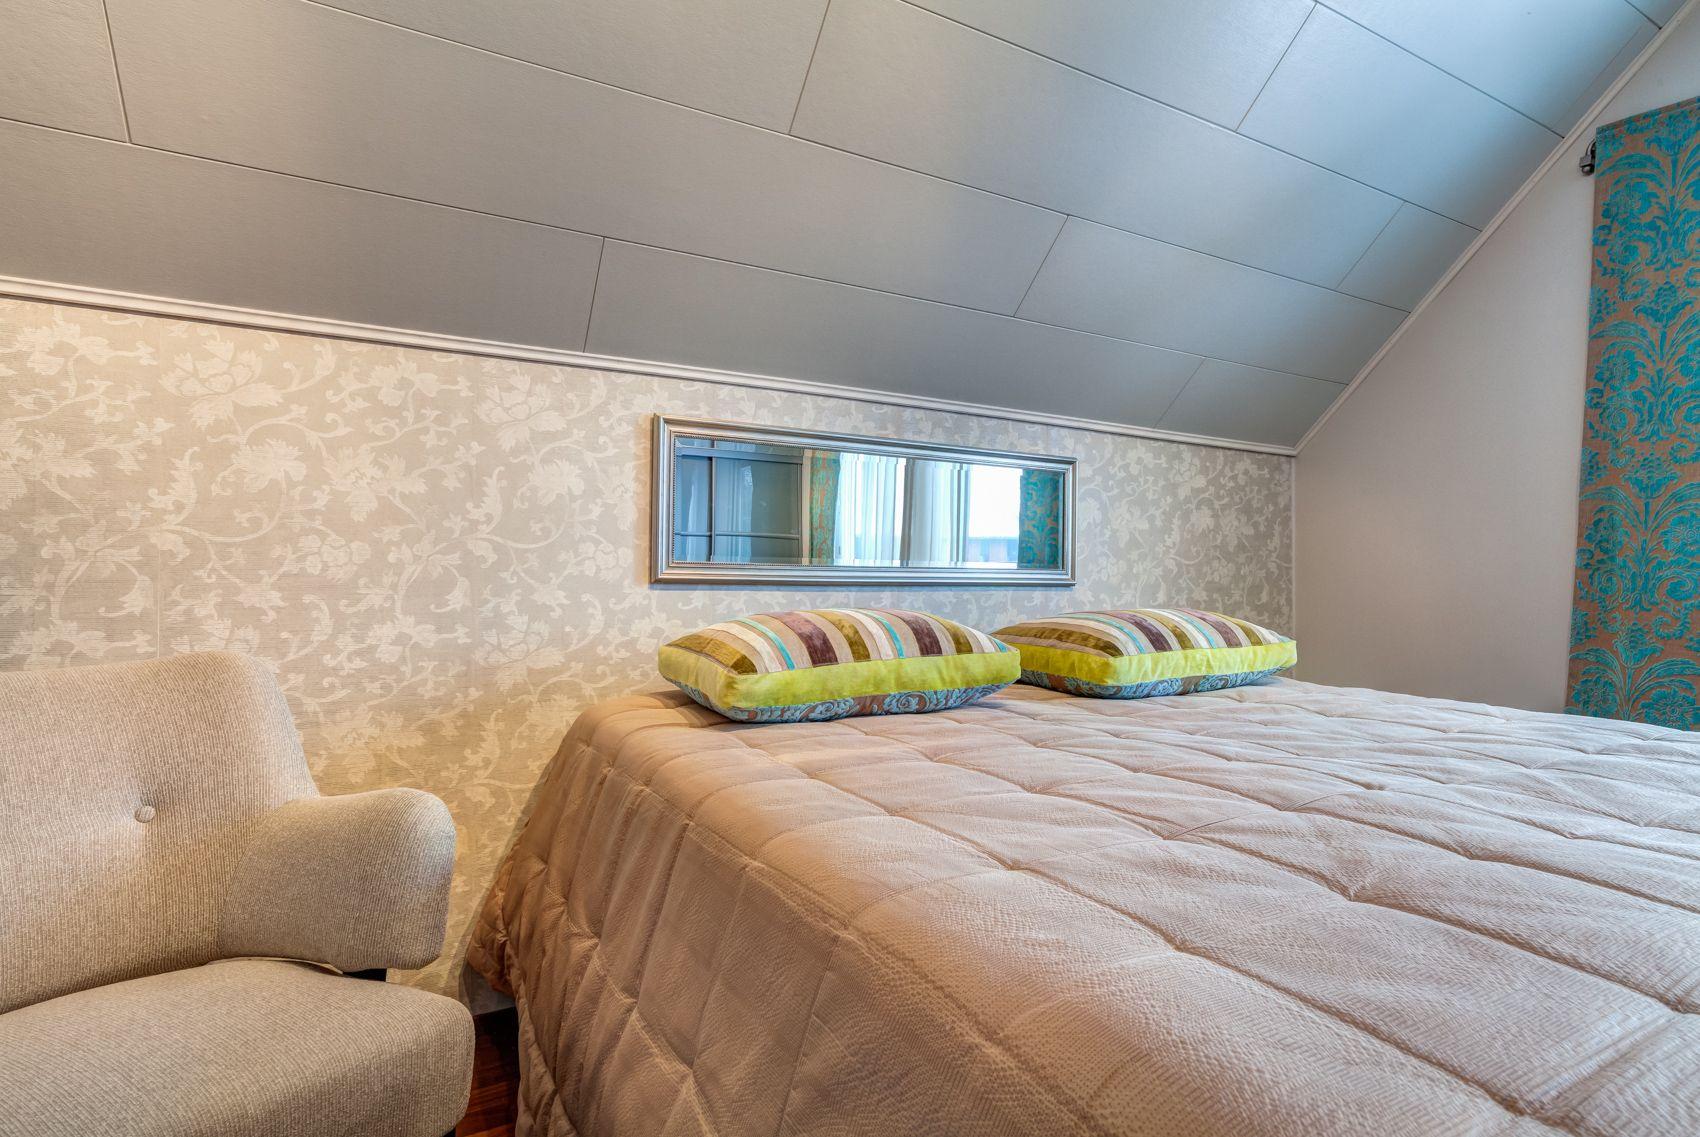 Makuuhuone. Tässä tilassa on ollut kaksi pientä makuuhuonetta, mitkä remontin yhteydessä yhdistettiin yhdeksi suureksi tilaksi. Yläkerran katto madaltuu molemmin puolein. Toiselle seinälle on sijoitettu pitkä rivistö vaatekaappia peililiukuovilla.